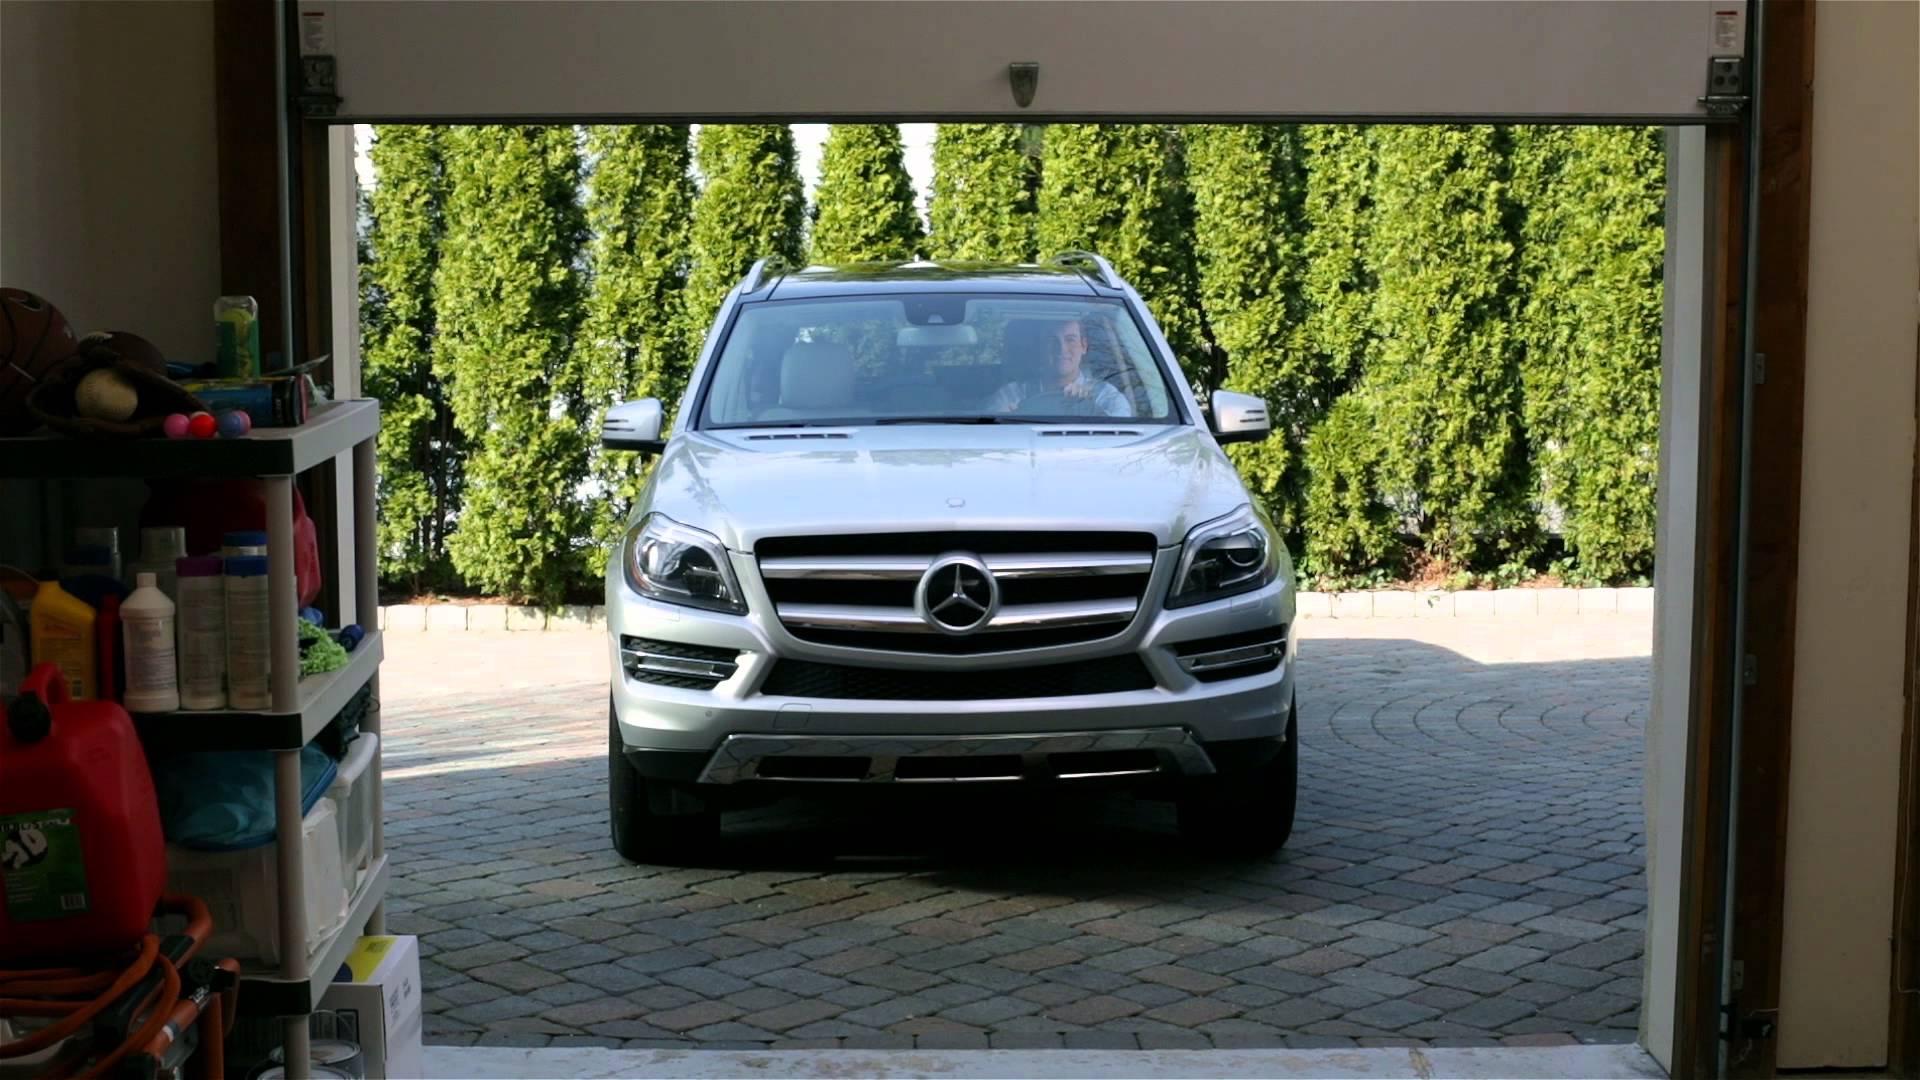 How To Program Your Mercedes Benz Garage Door Opener